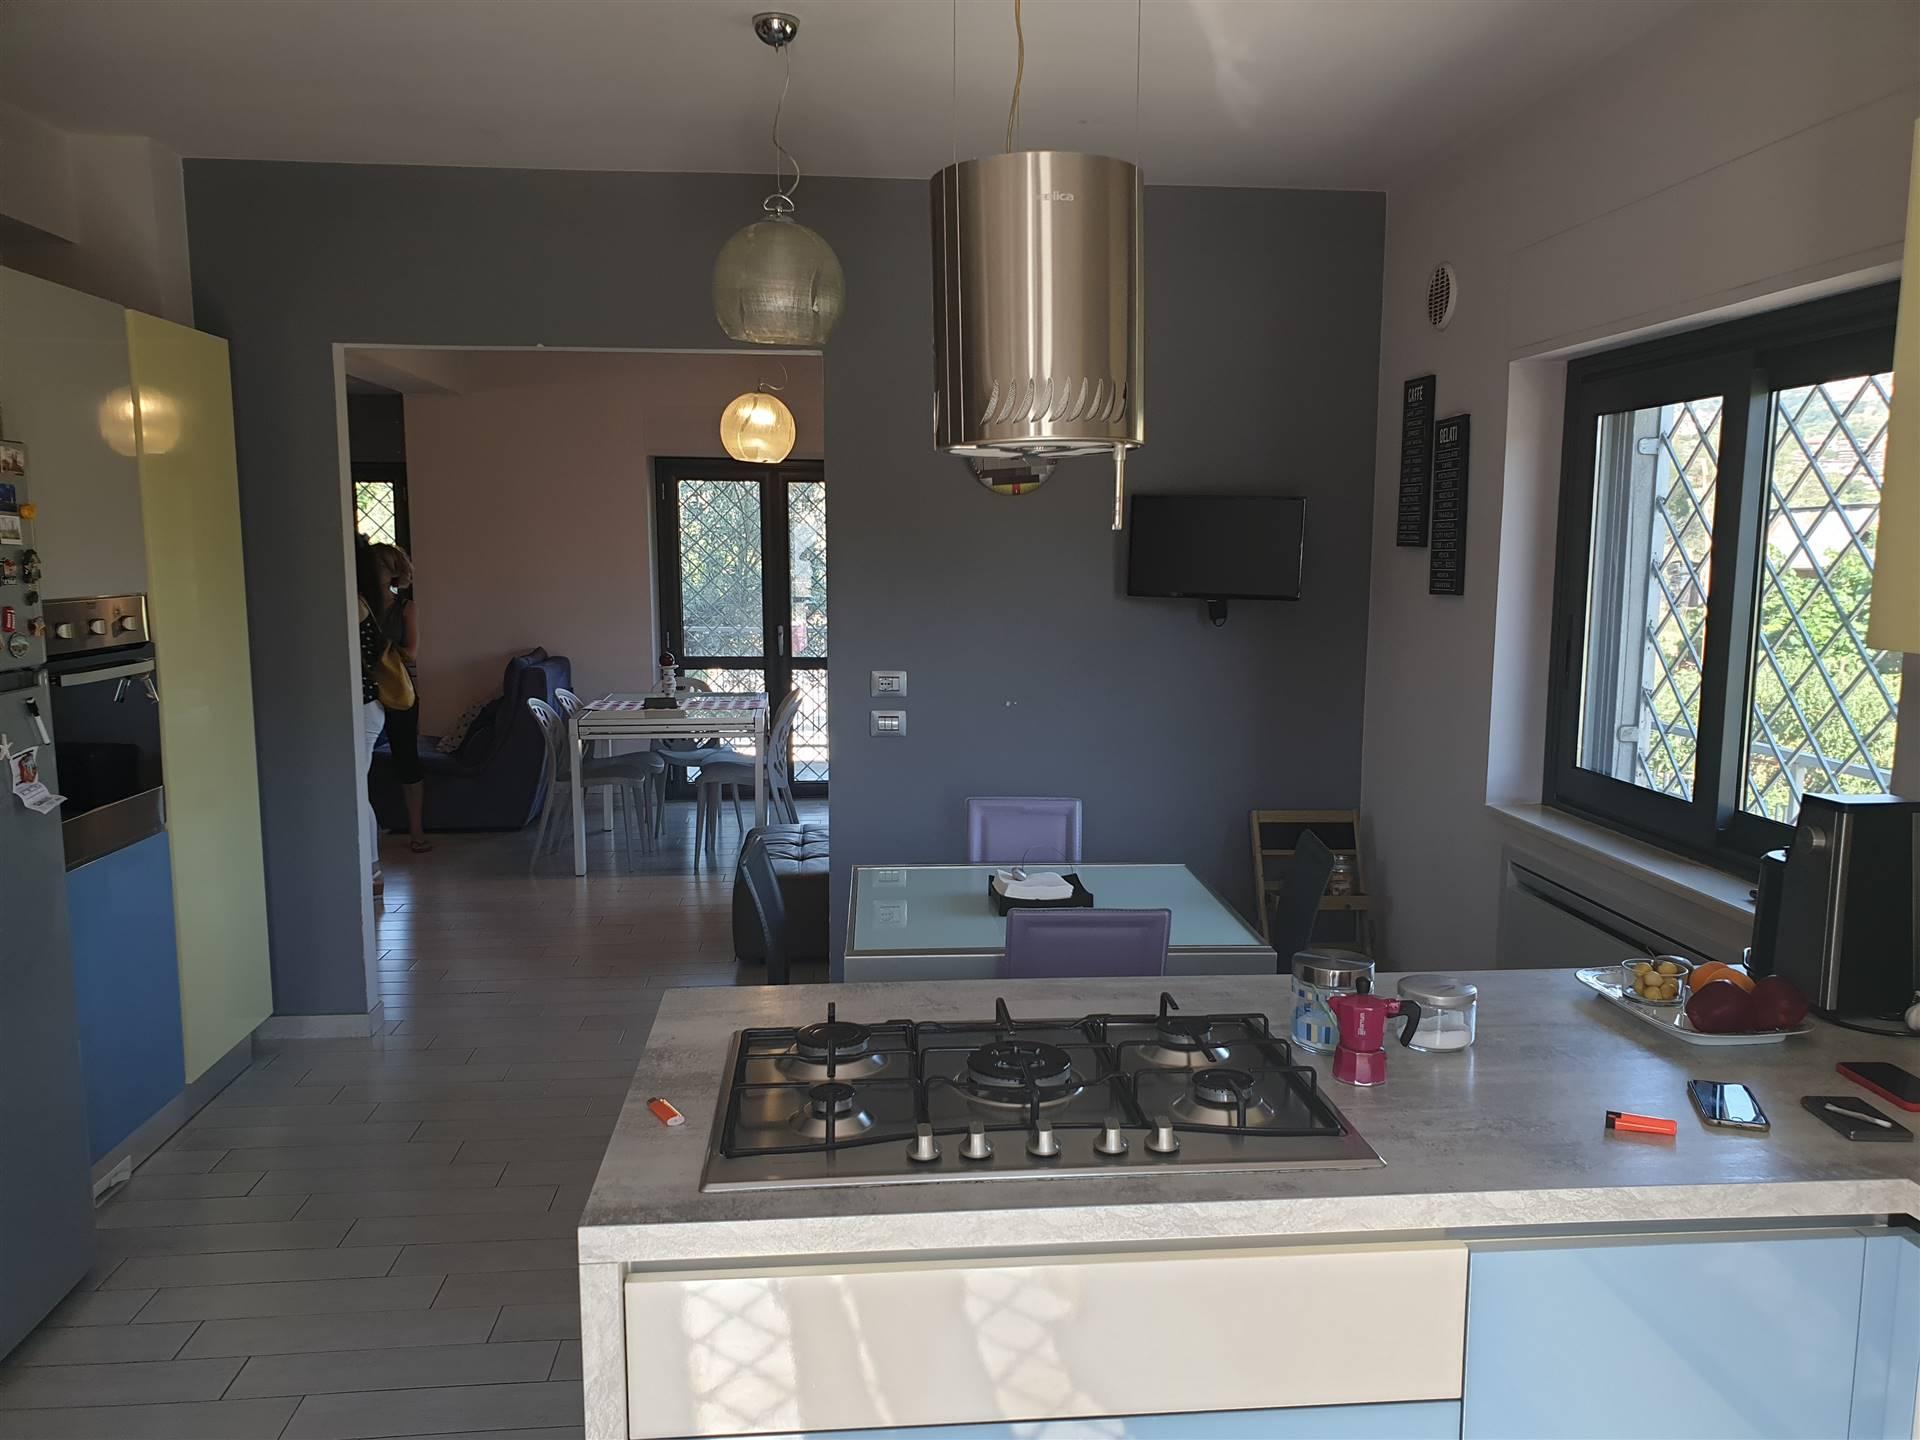 Villa in vendita a Montalto Uffugo, 8 locali, zona Località: STAZIONE DI MONTALTO, prezzo € 310.000   CambioCasa.it